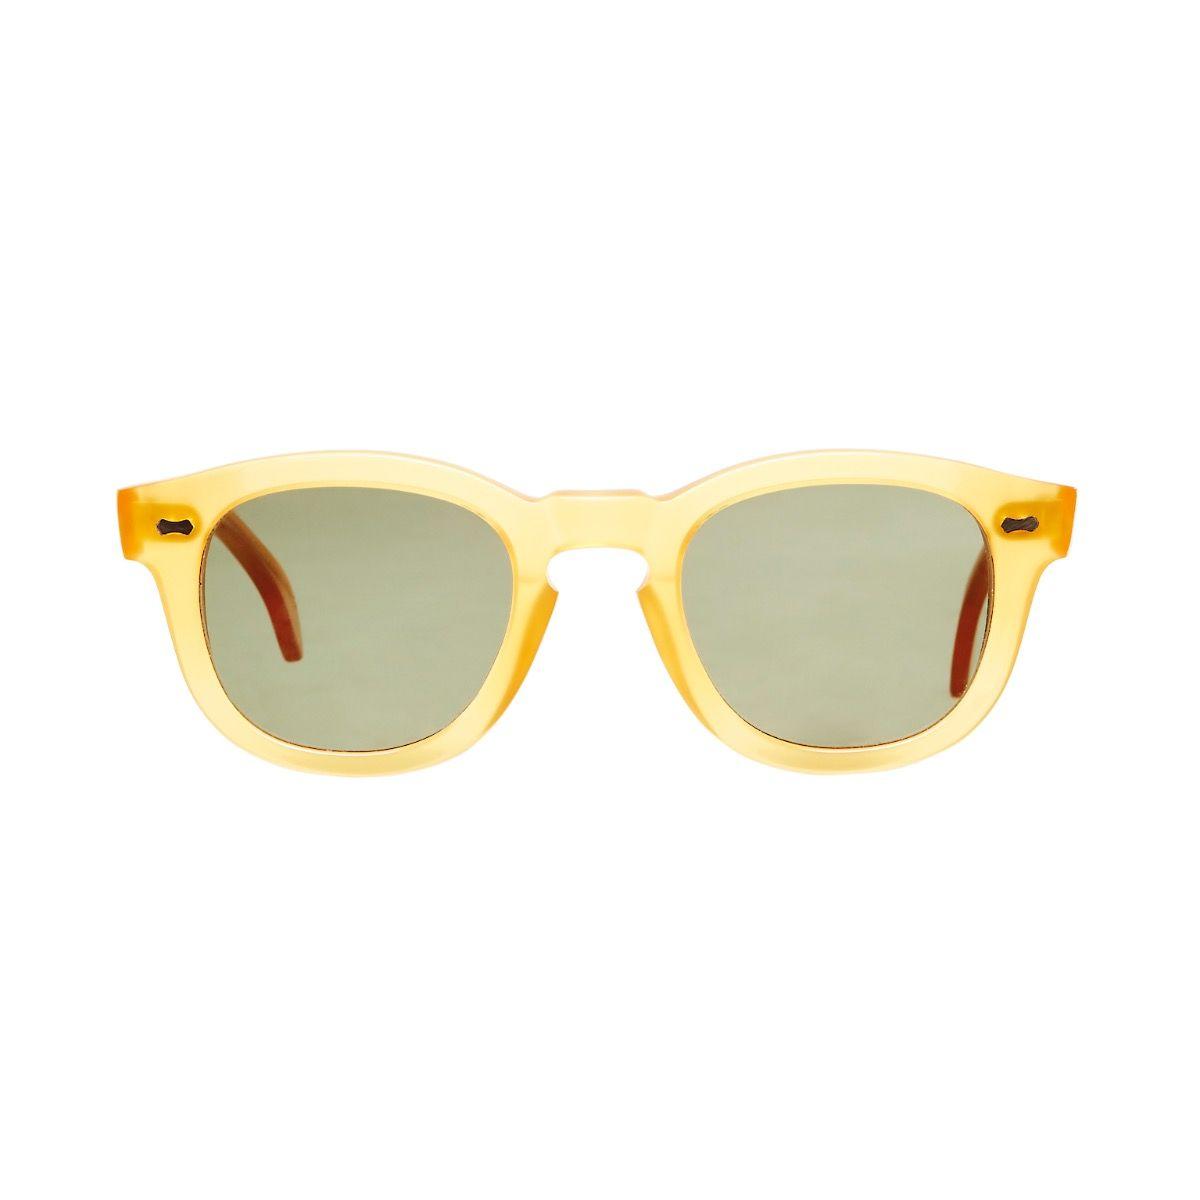 3d8bb38237f Donegal – Honey Acetate Frame Italian Sunglasses with Bottle Green Lenses